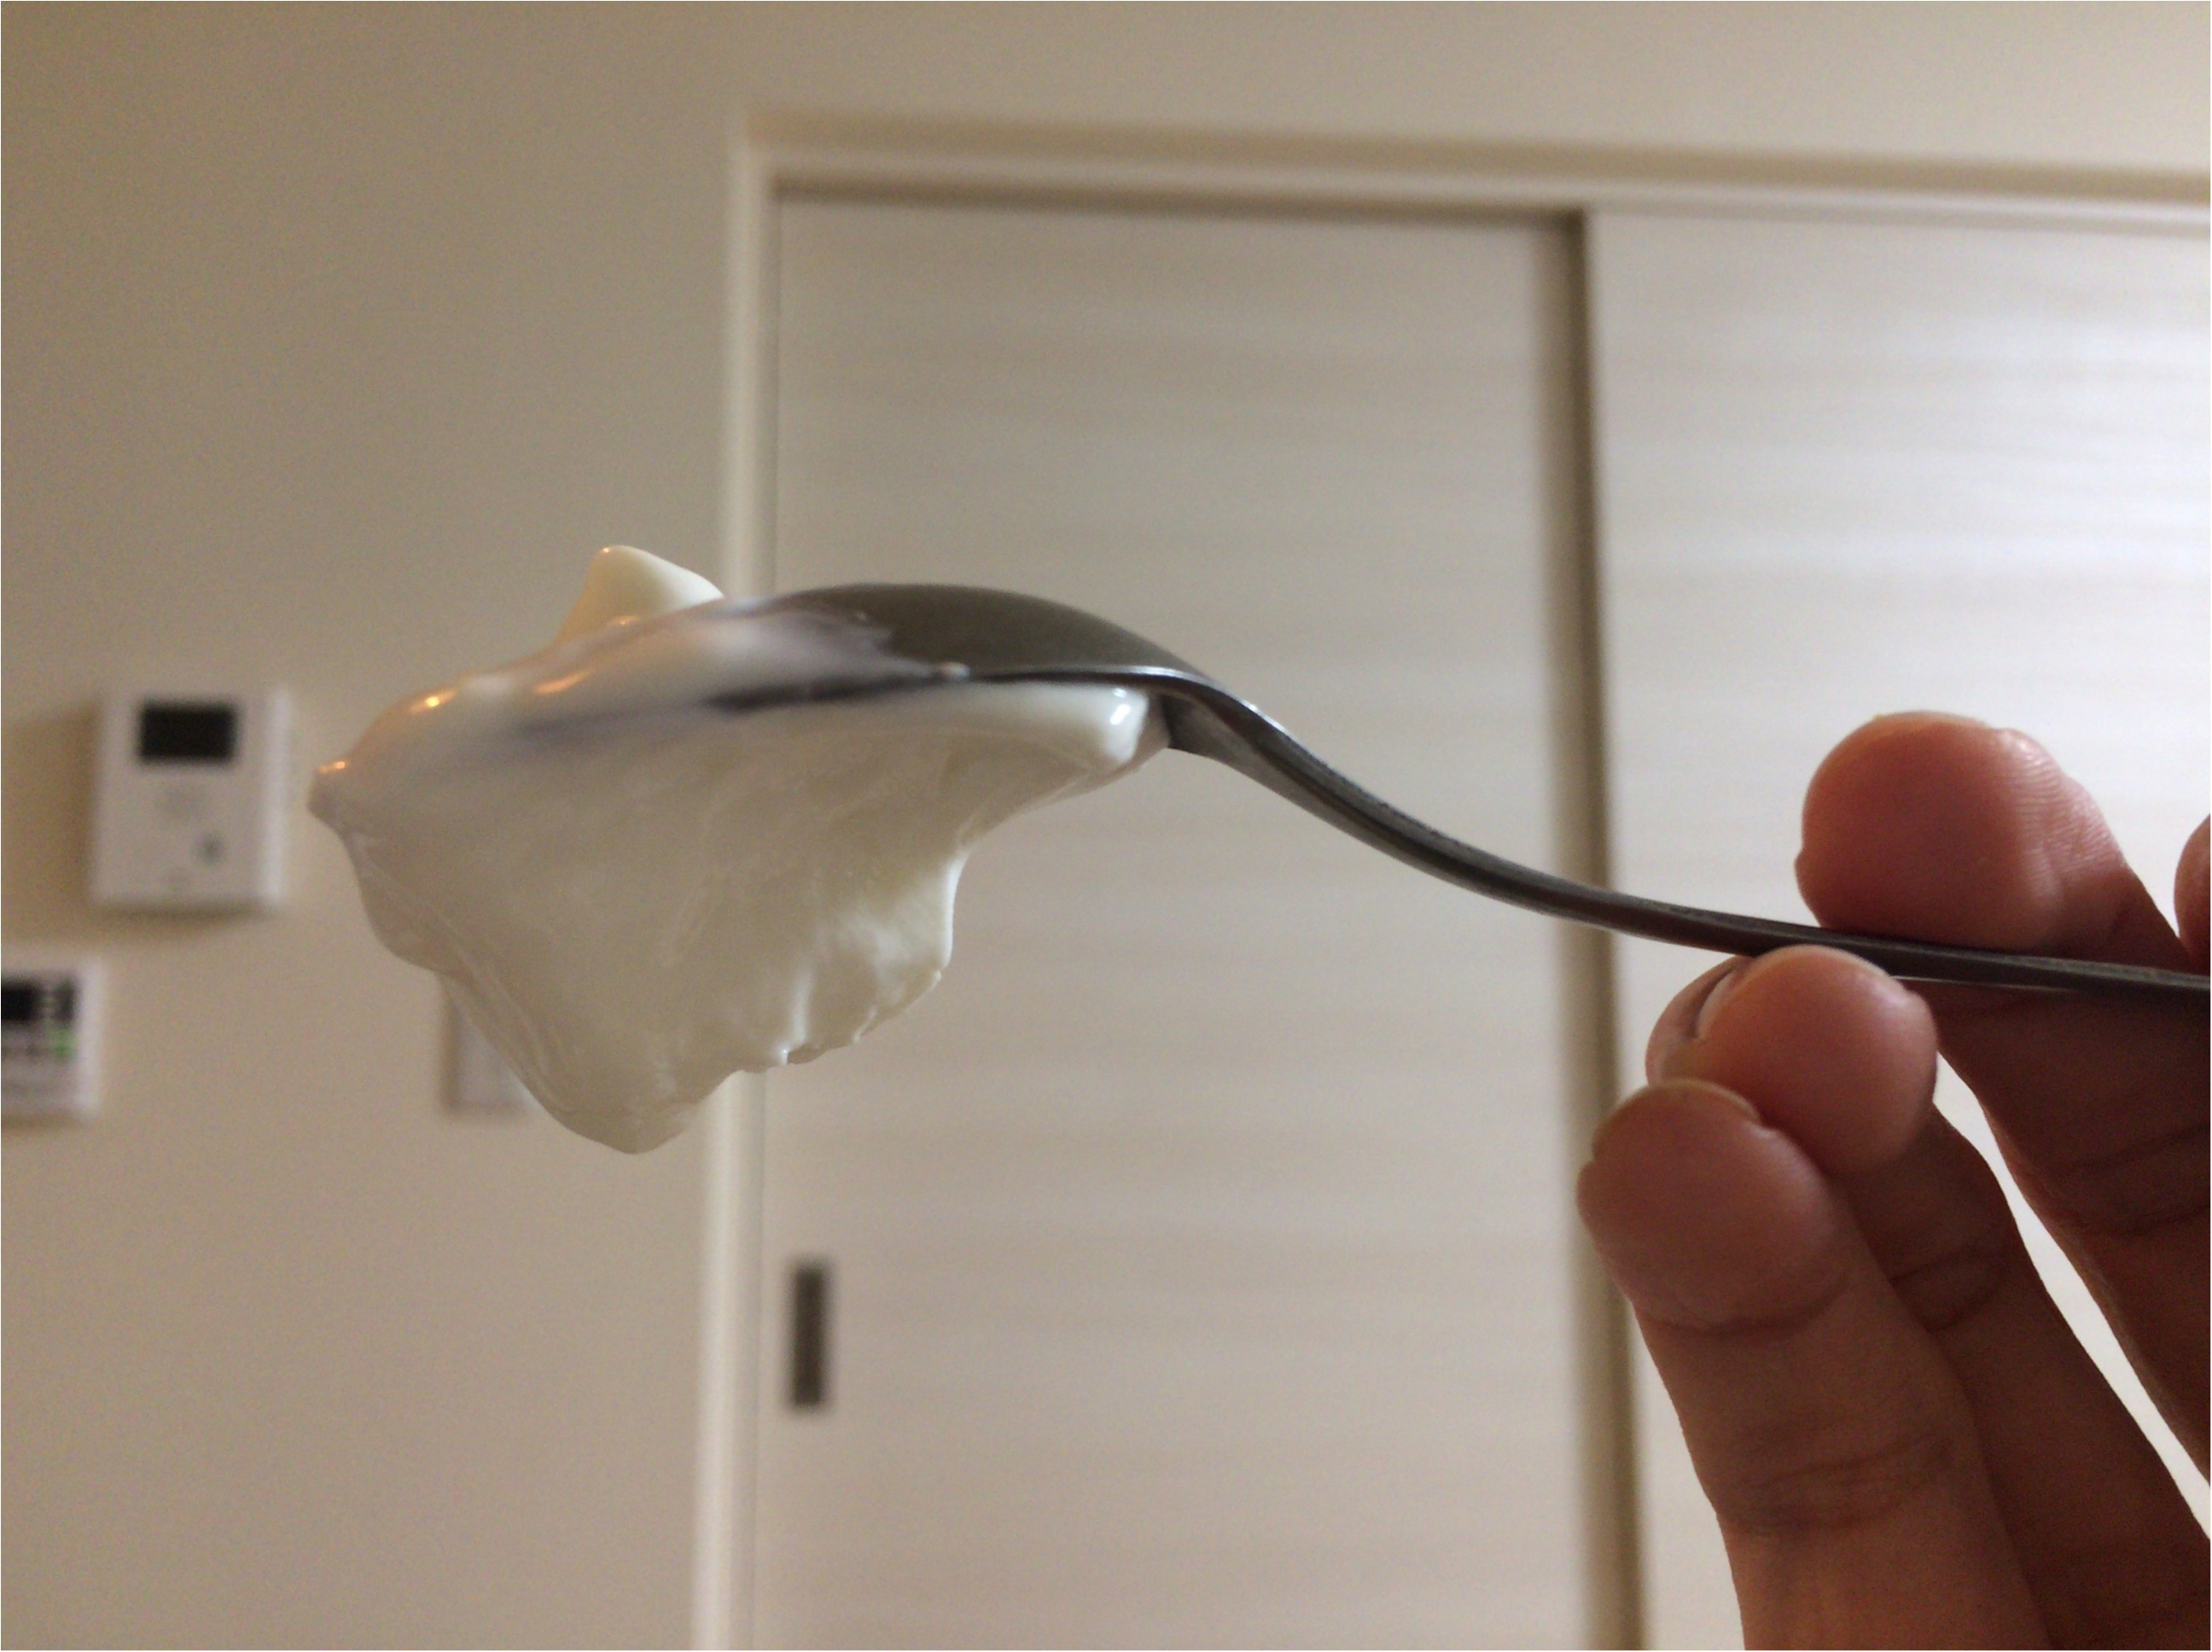 高栄養でヘルシーな濃蜜ギリシャヨーグルト《パルテノ》が美味しい!手軽!ハマっています♡_4